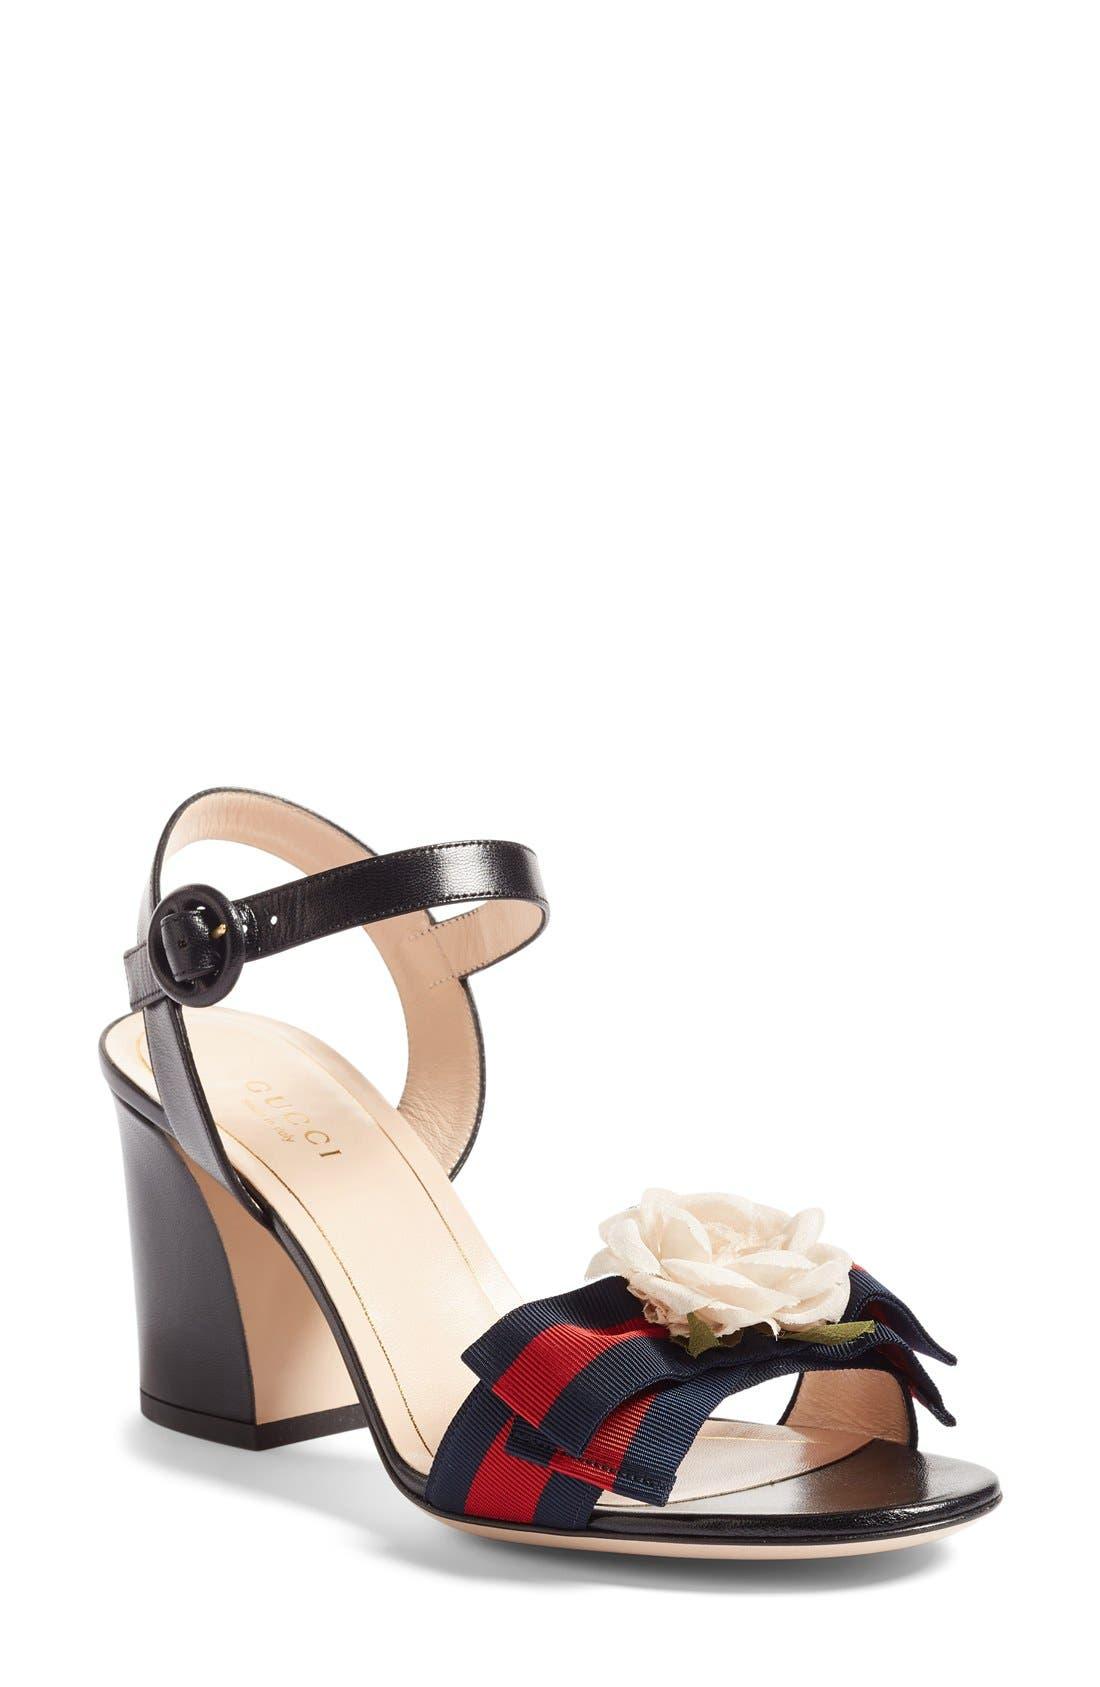 Cindi Quarter Strap Sandal,                         Main,                         color,